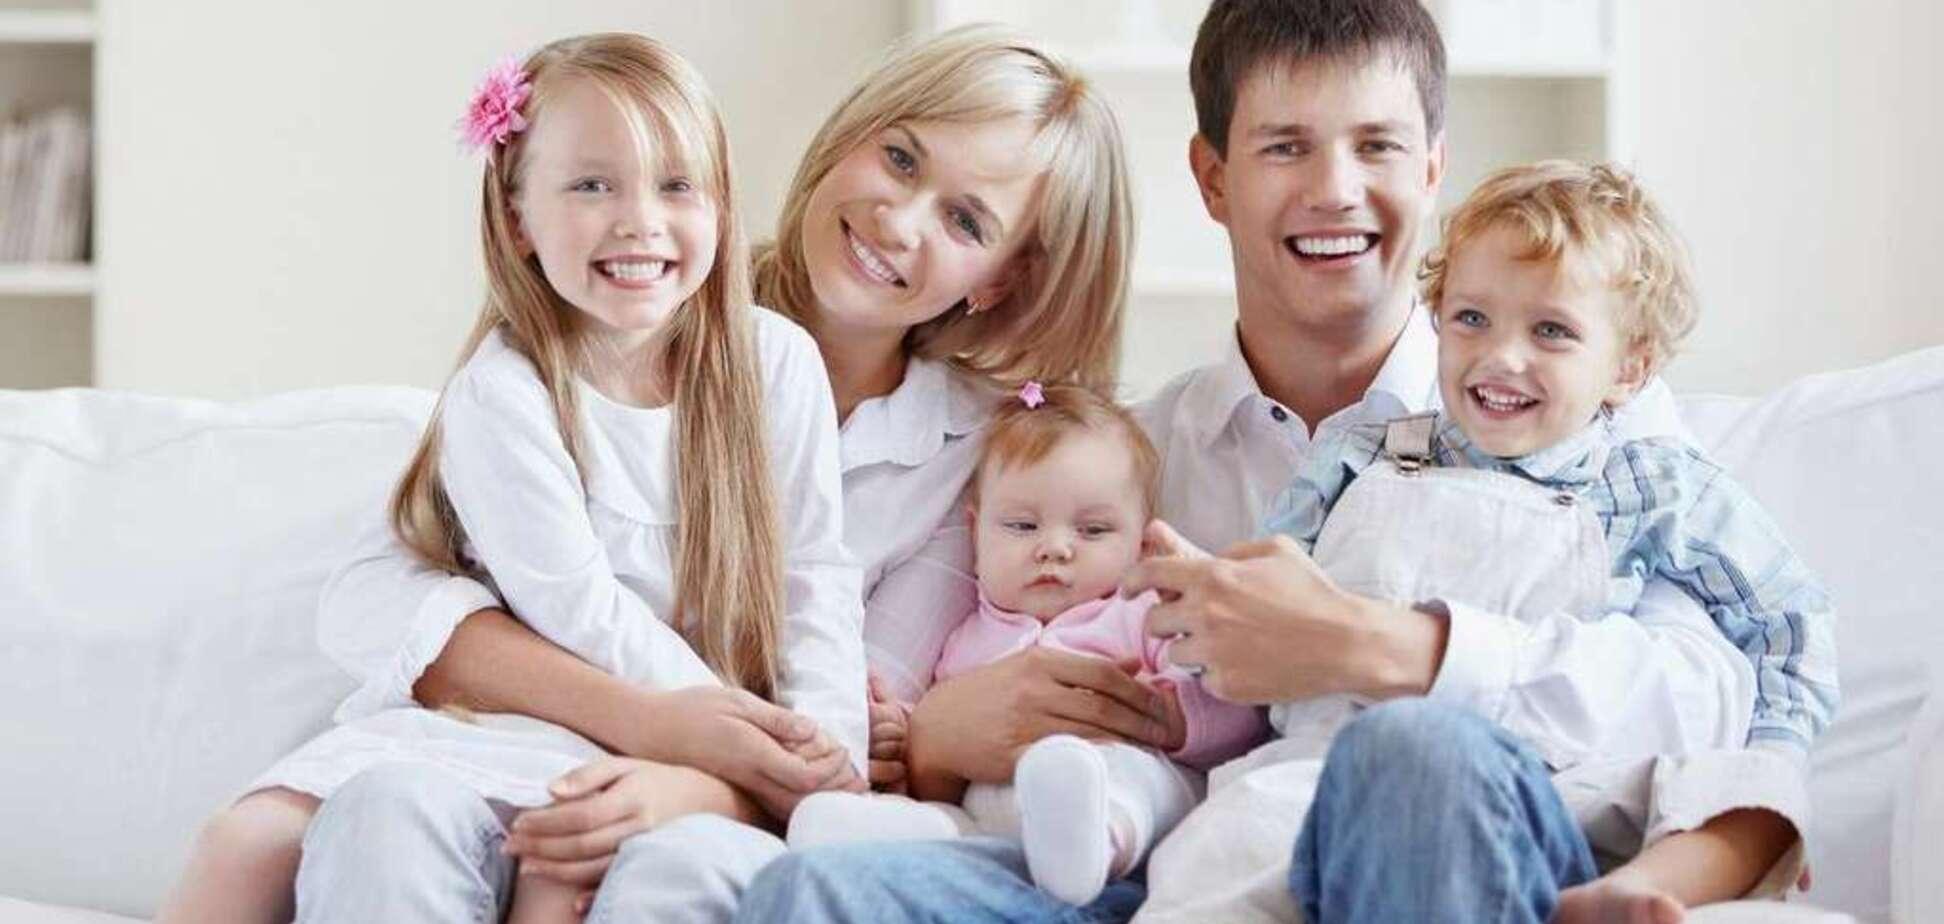 Зависит ли характер ребенка от порядка его рождения в семье?